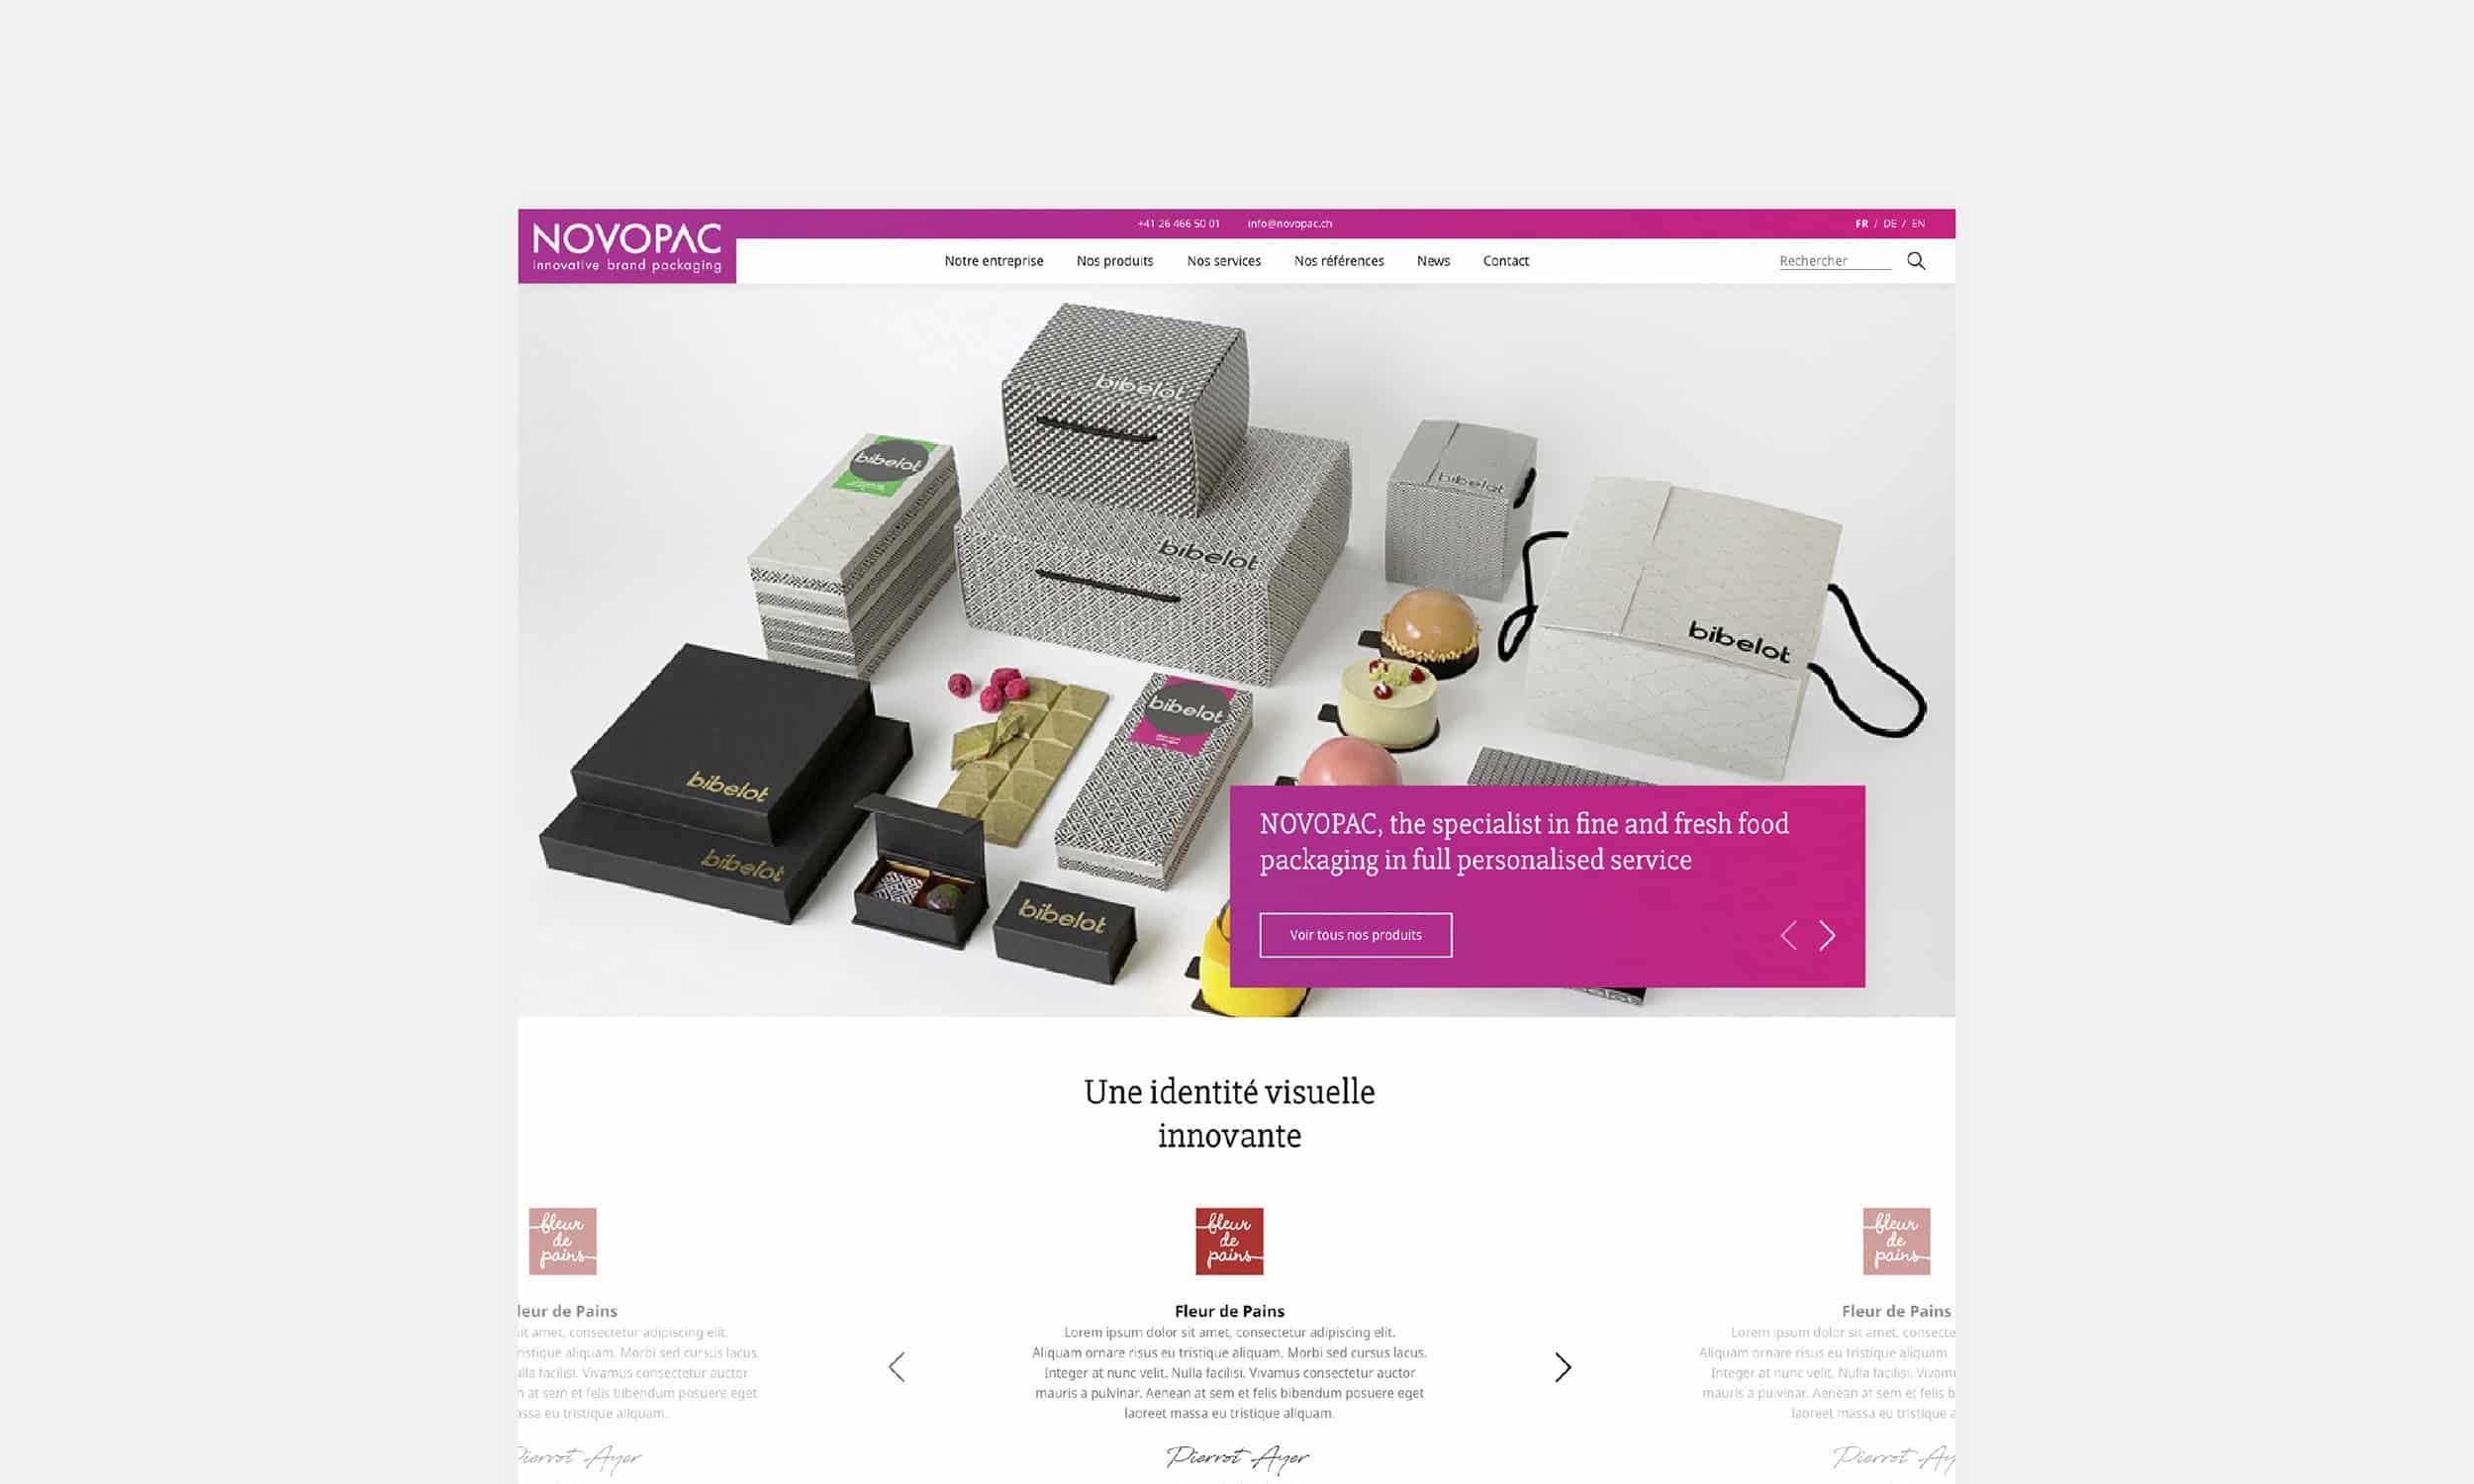 Page d'accueil du site Novopac